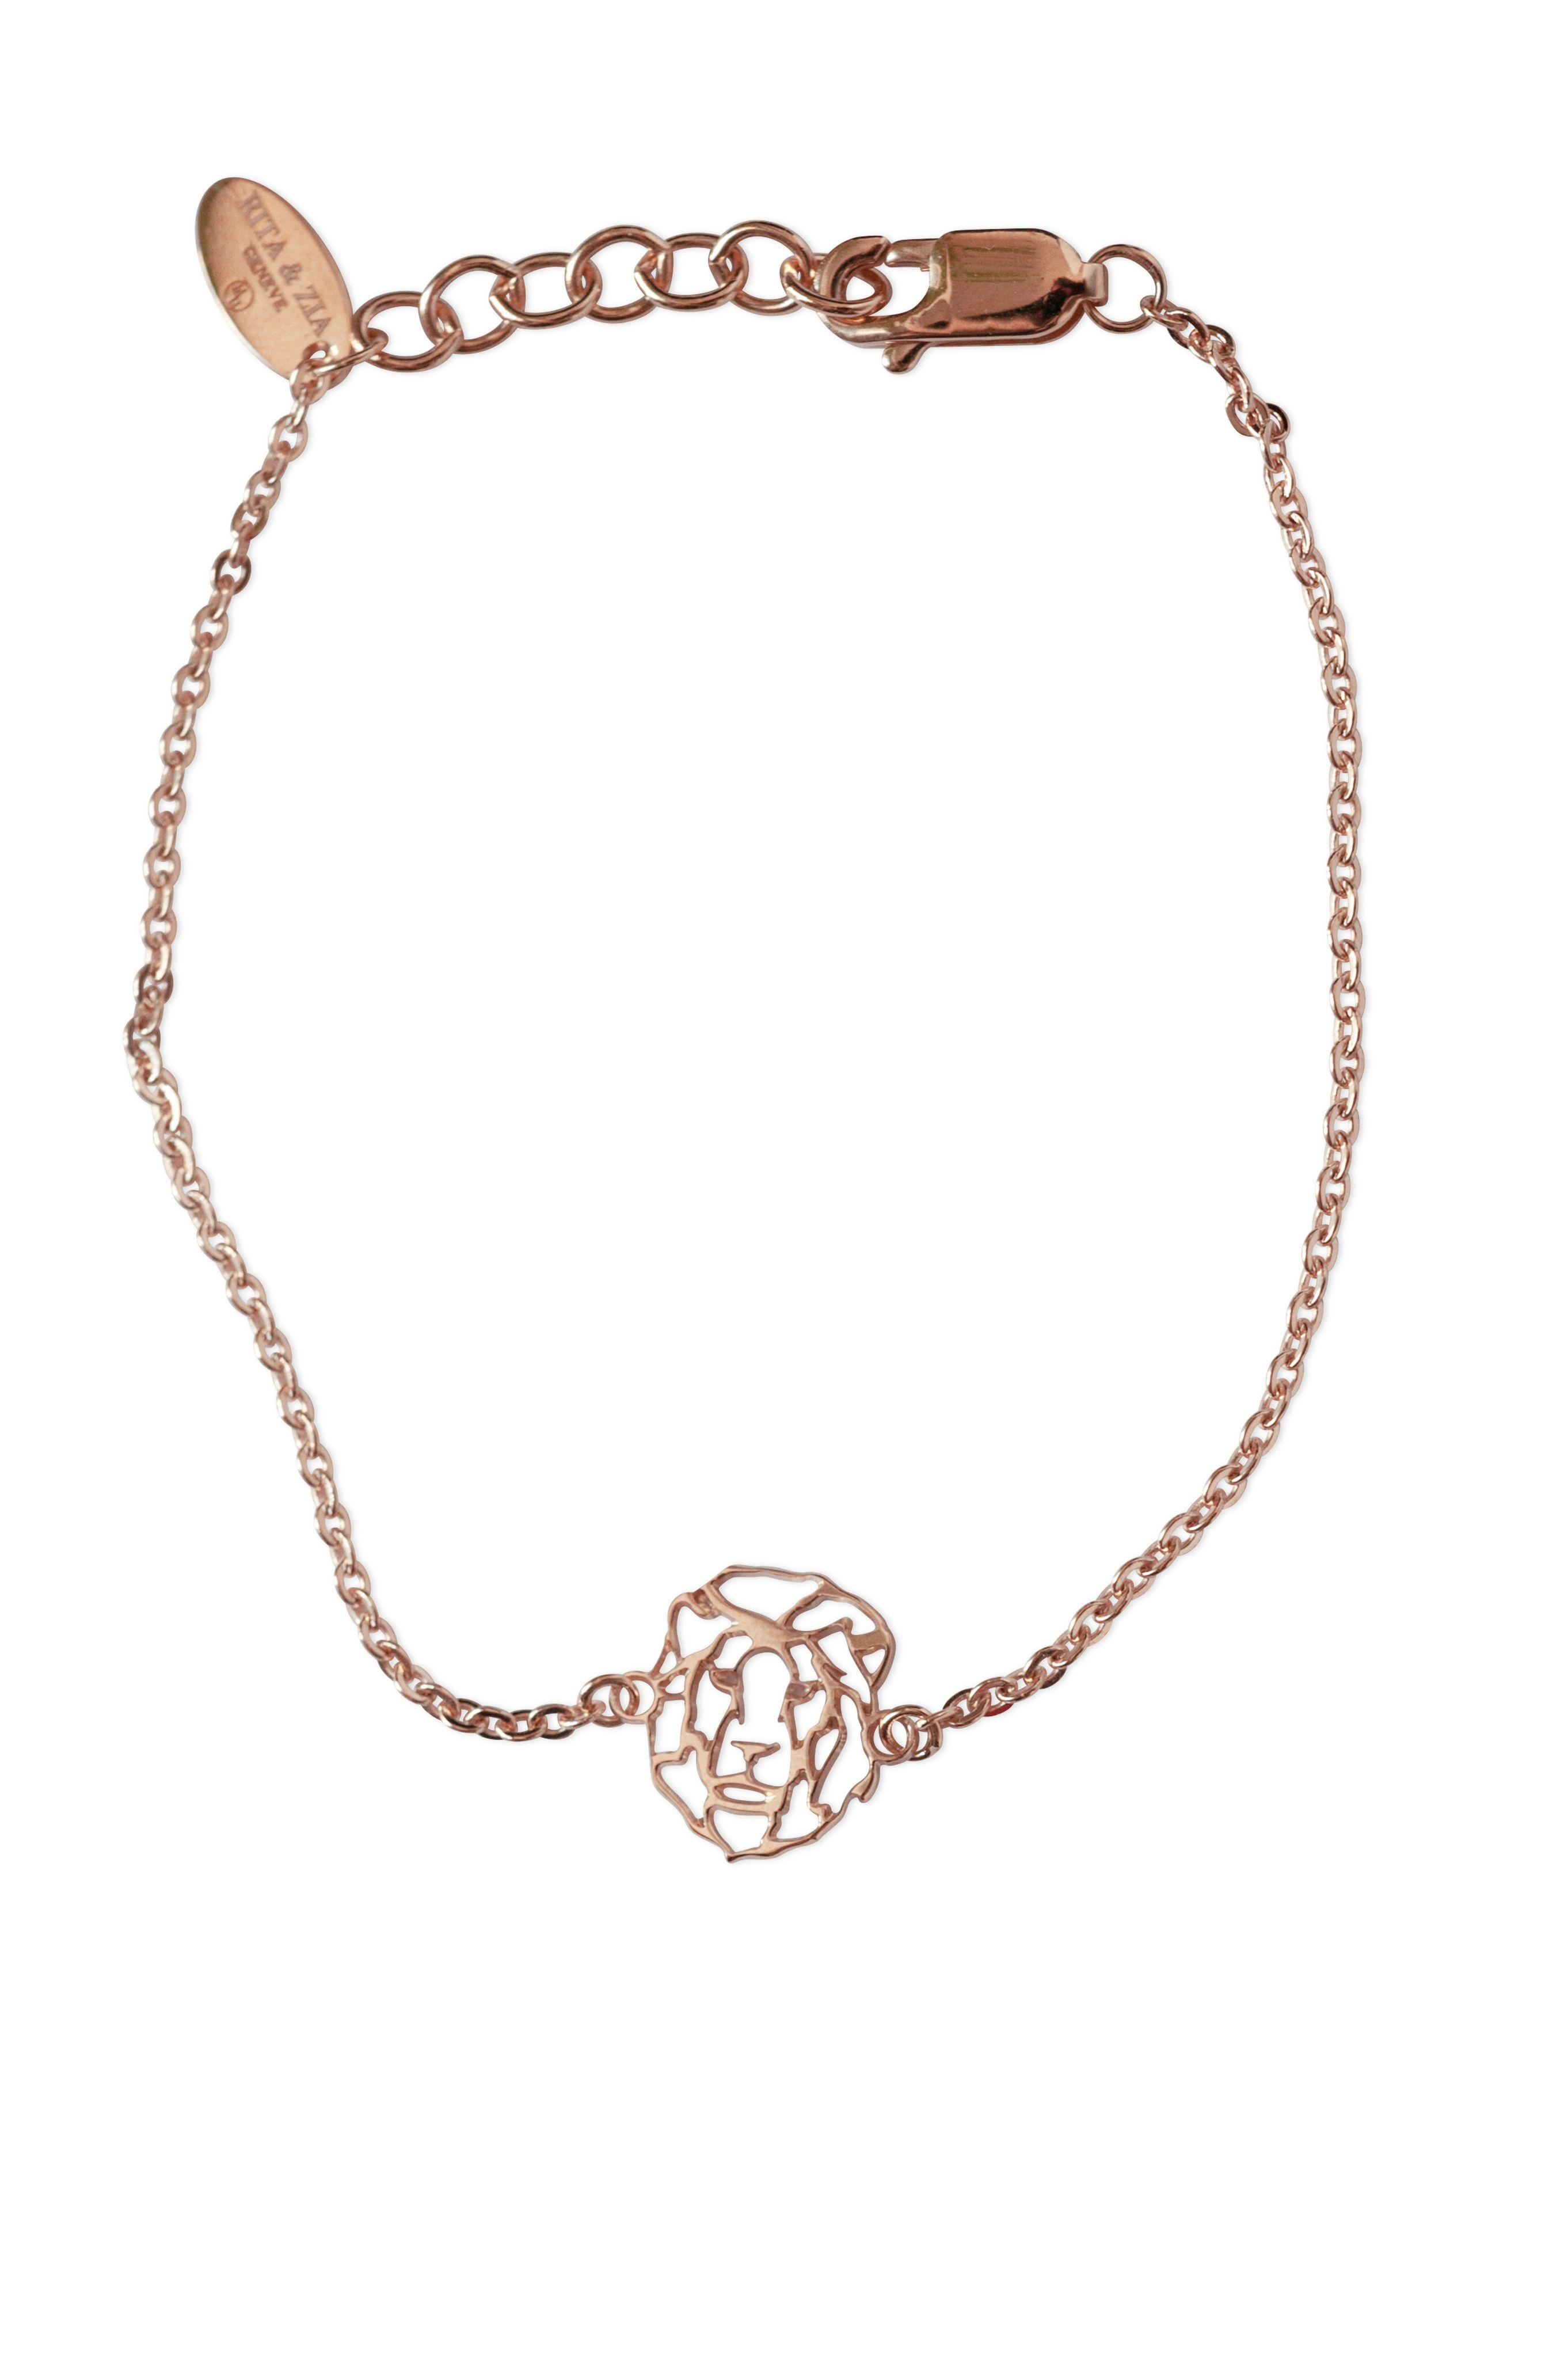 Bracelet chaine disponible sur le e-shop : http://www.rita-zia.com/fr/rita-et-zia,1.html